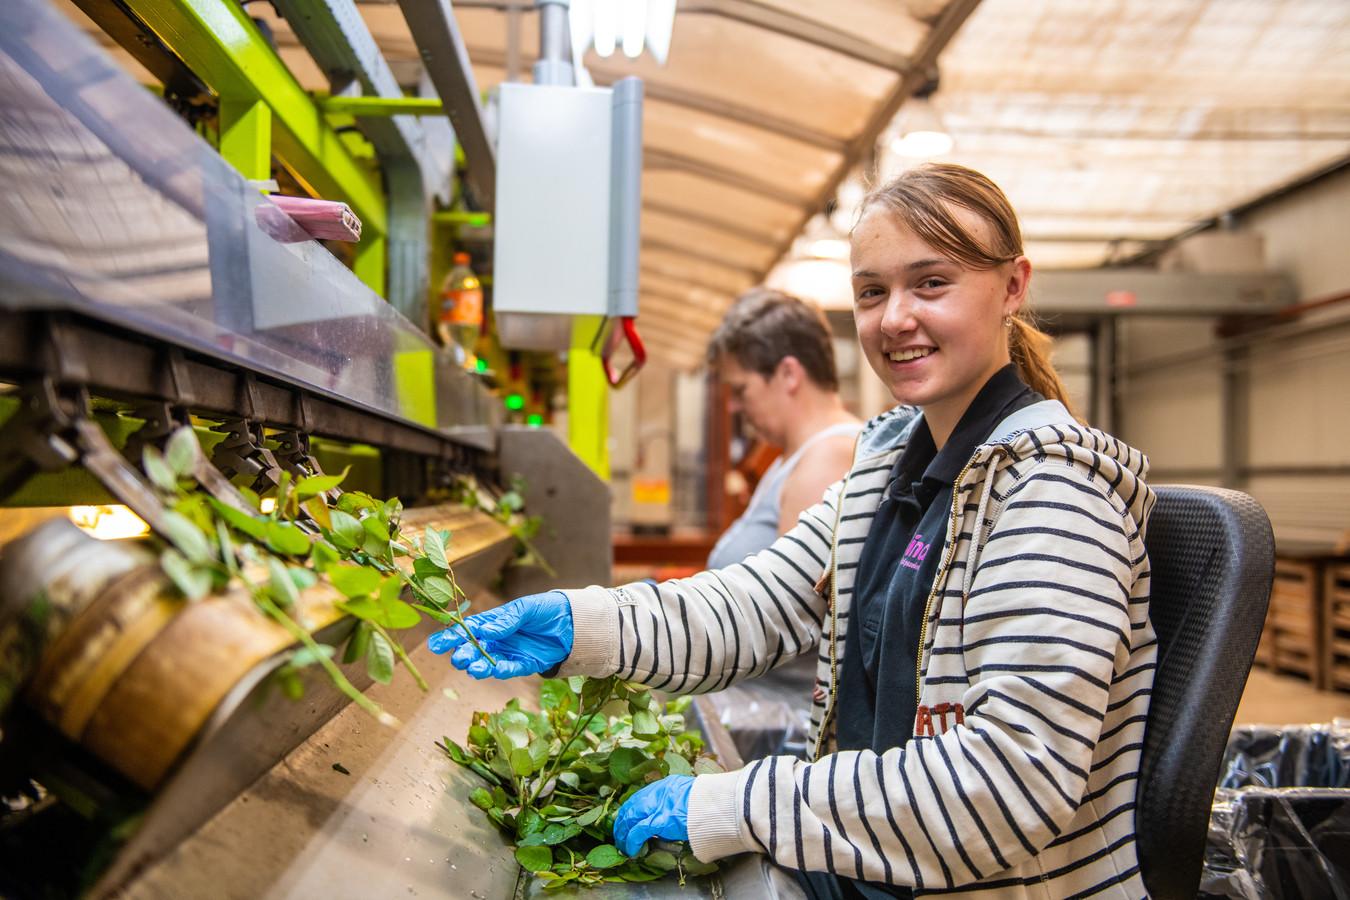 Nova Brunt werkt als vakantie baantje bij kwekerij Nolina in Woubrugge